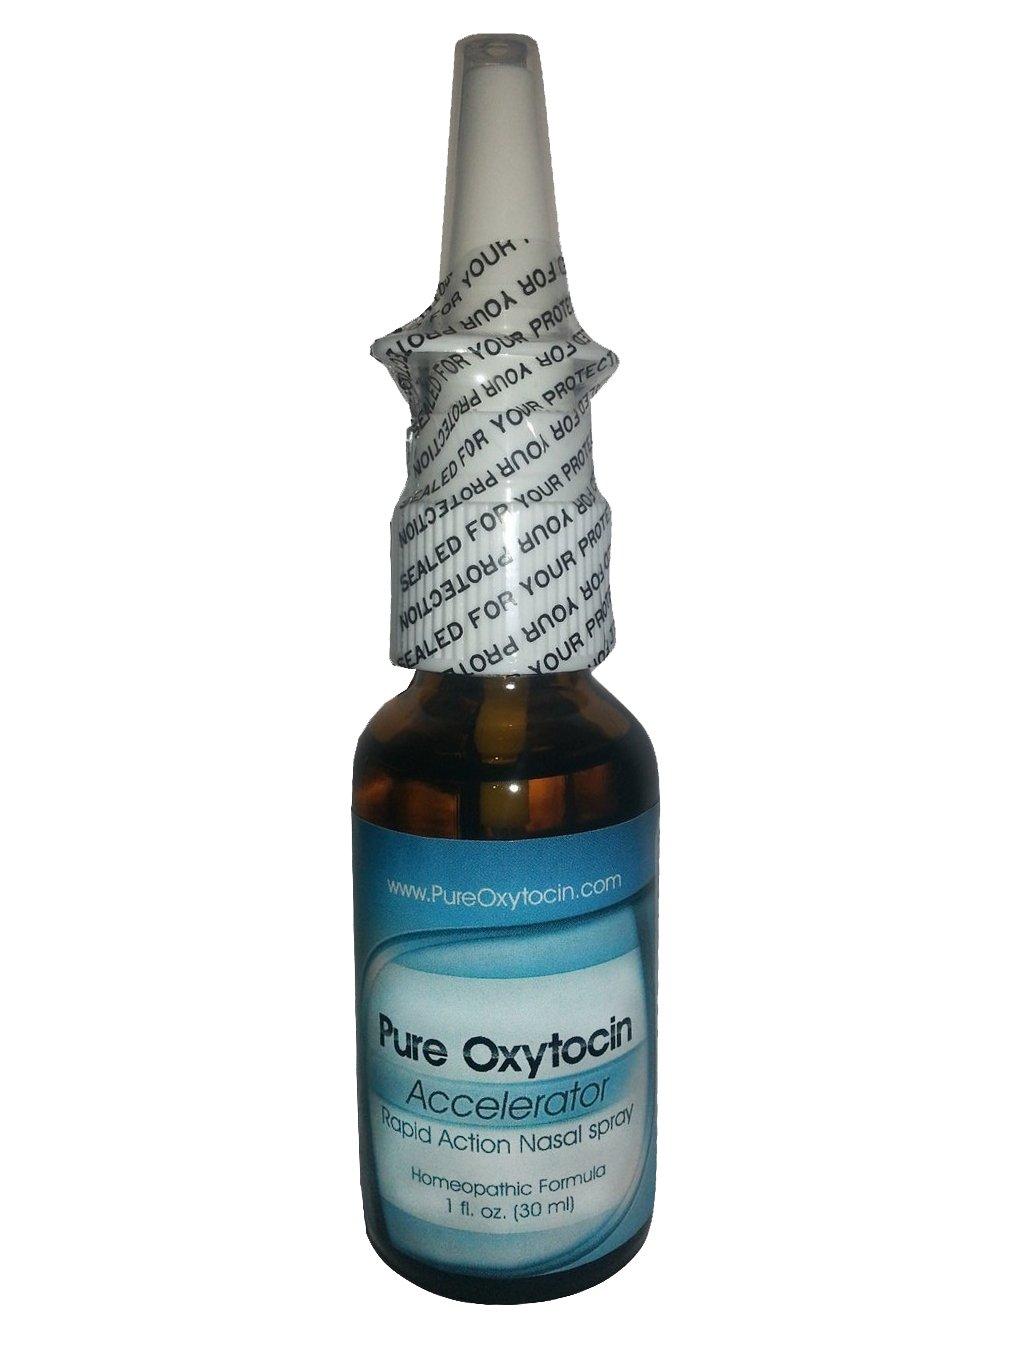 Pure Oxytocin Accelerator 1 Oz Nasal Spray